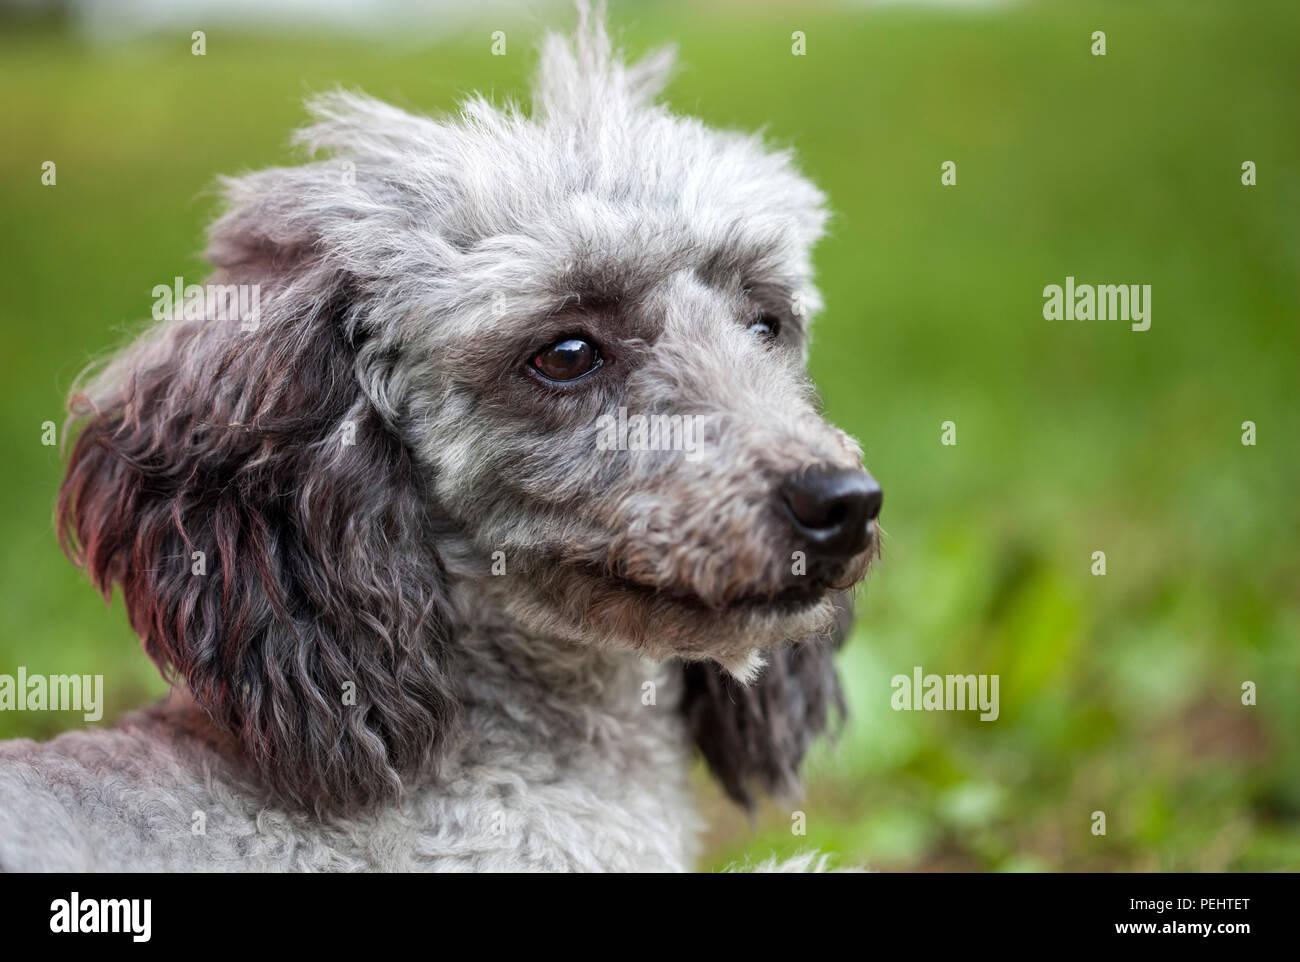 Poodle outdoor portrait Stock Photo